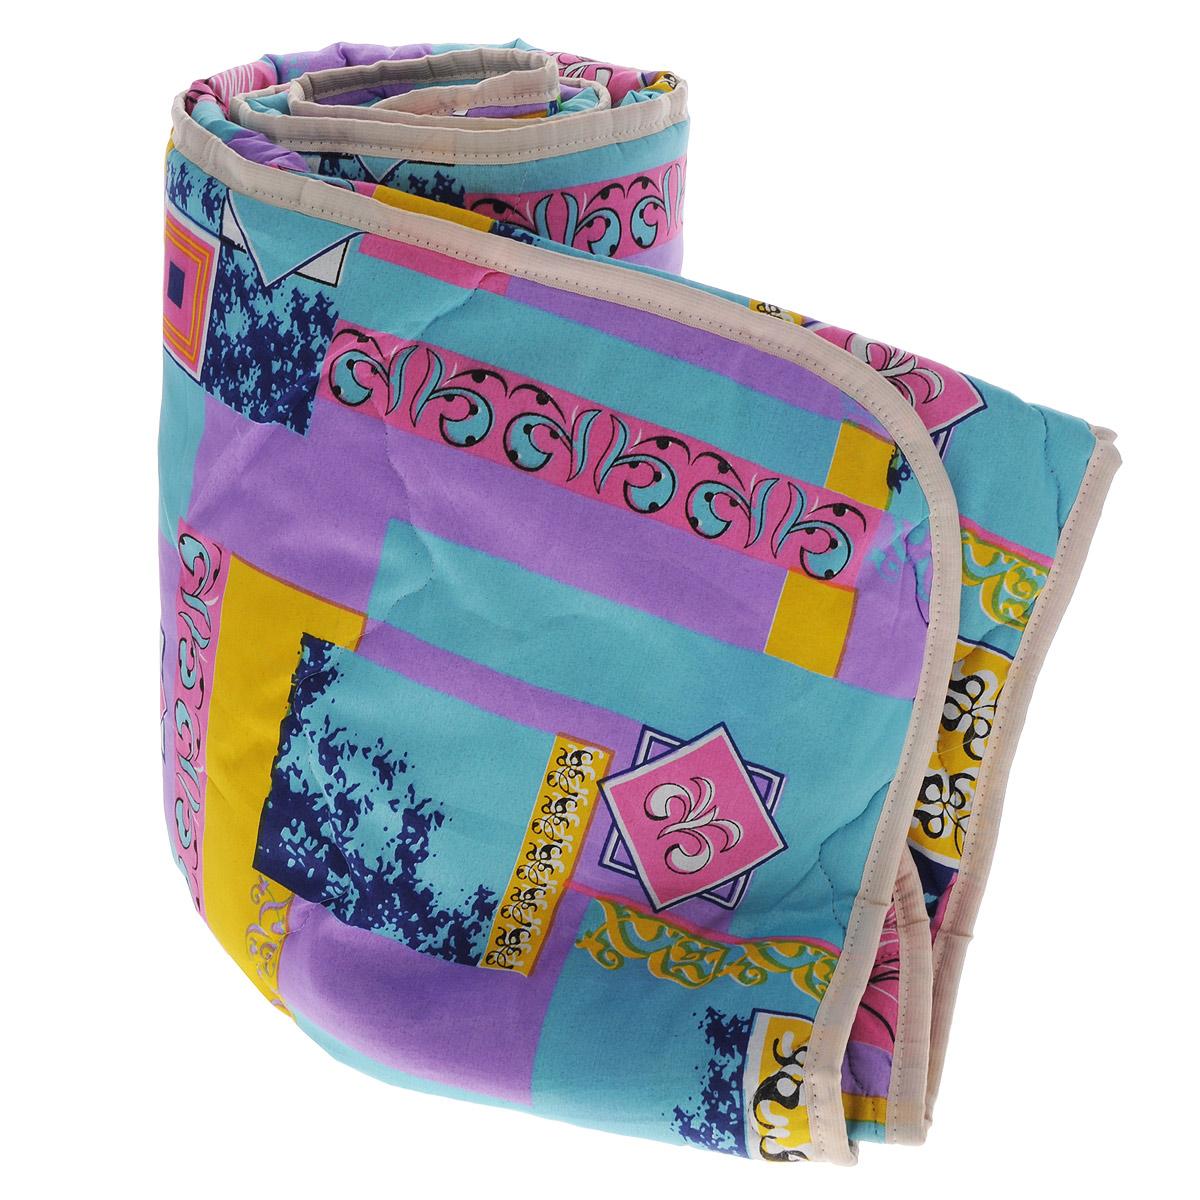 Одеяло облегченное OL-Tex Miotex, наполнитель: холфитекс, цвет: желтый, бирюзовый, сиреневый, 140 см х 205 смМХПЭ-15-2_бирюзовый, сиреневый, желтыйЧехол облегченного одеяла OL-Tex Miotex выполнен из высококачественного полиэстера. Наполнитель - холфитекс. Одеяло простегано - значит, наполнитель внутри будет всегда распределен равномерно. Изделие оформлено ярким рисунком.Идеально подойдет тем, кто ценит мягкость и тепло. Ручная стирка при температуре 30°С. Материал чехла: 100% полиэстер.Наполнитель: холфитекс.